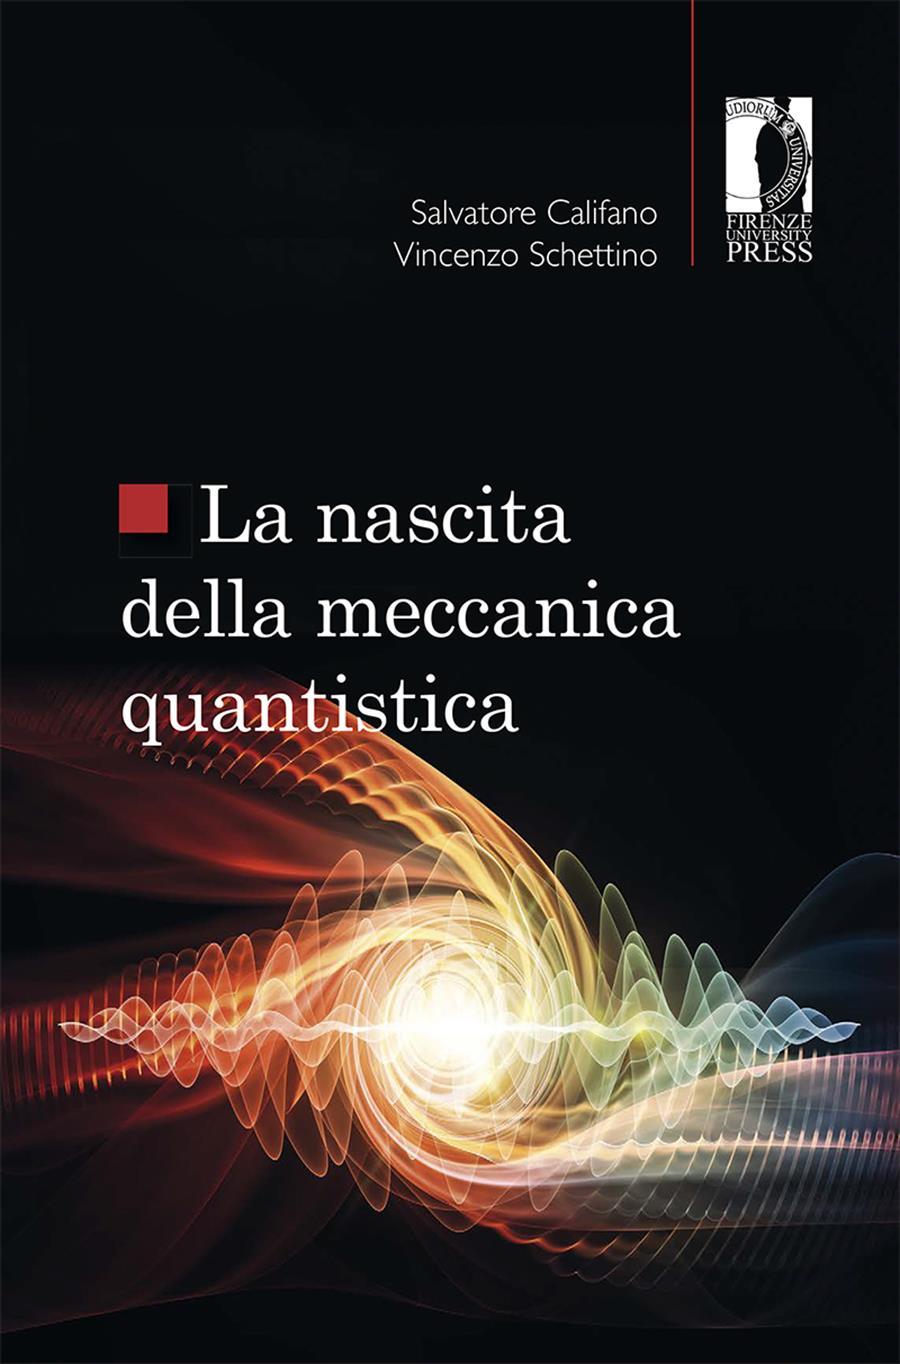 La nascita della meccanica quantistica